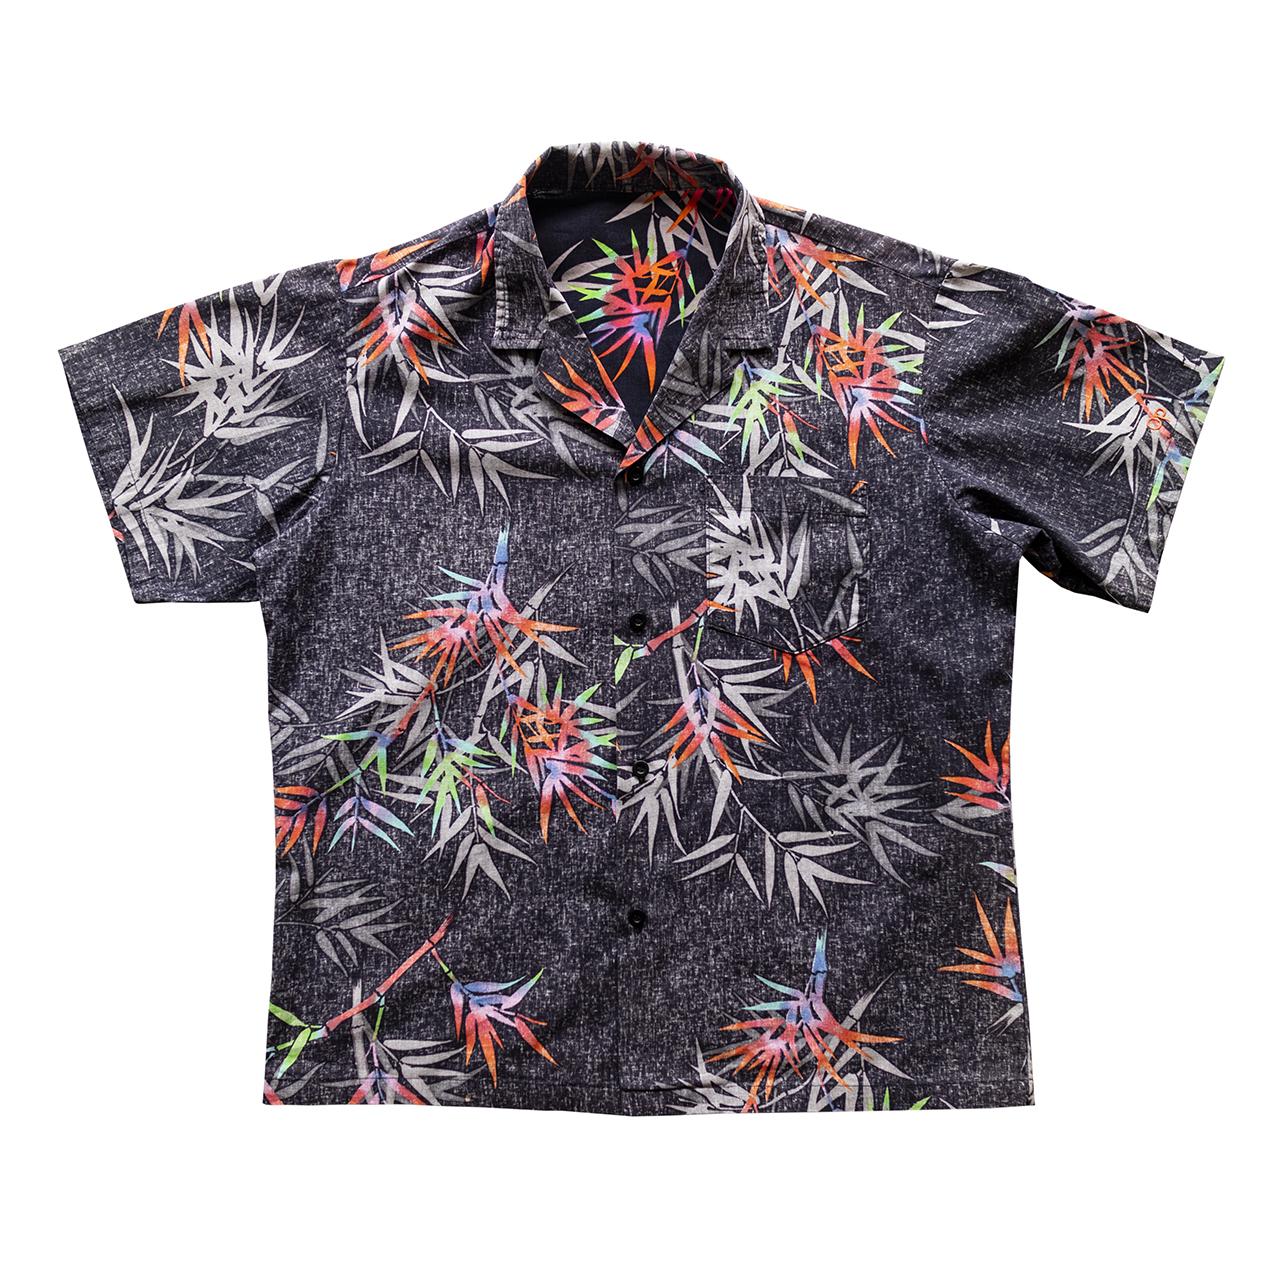 1980年代バンブー柄ハワイアンシャツ